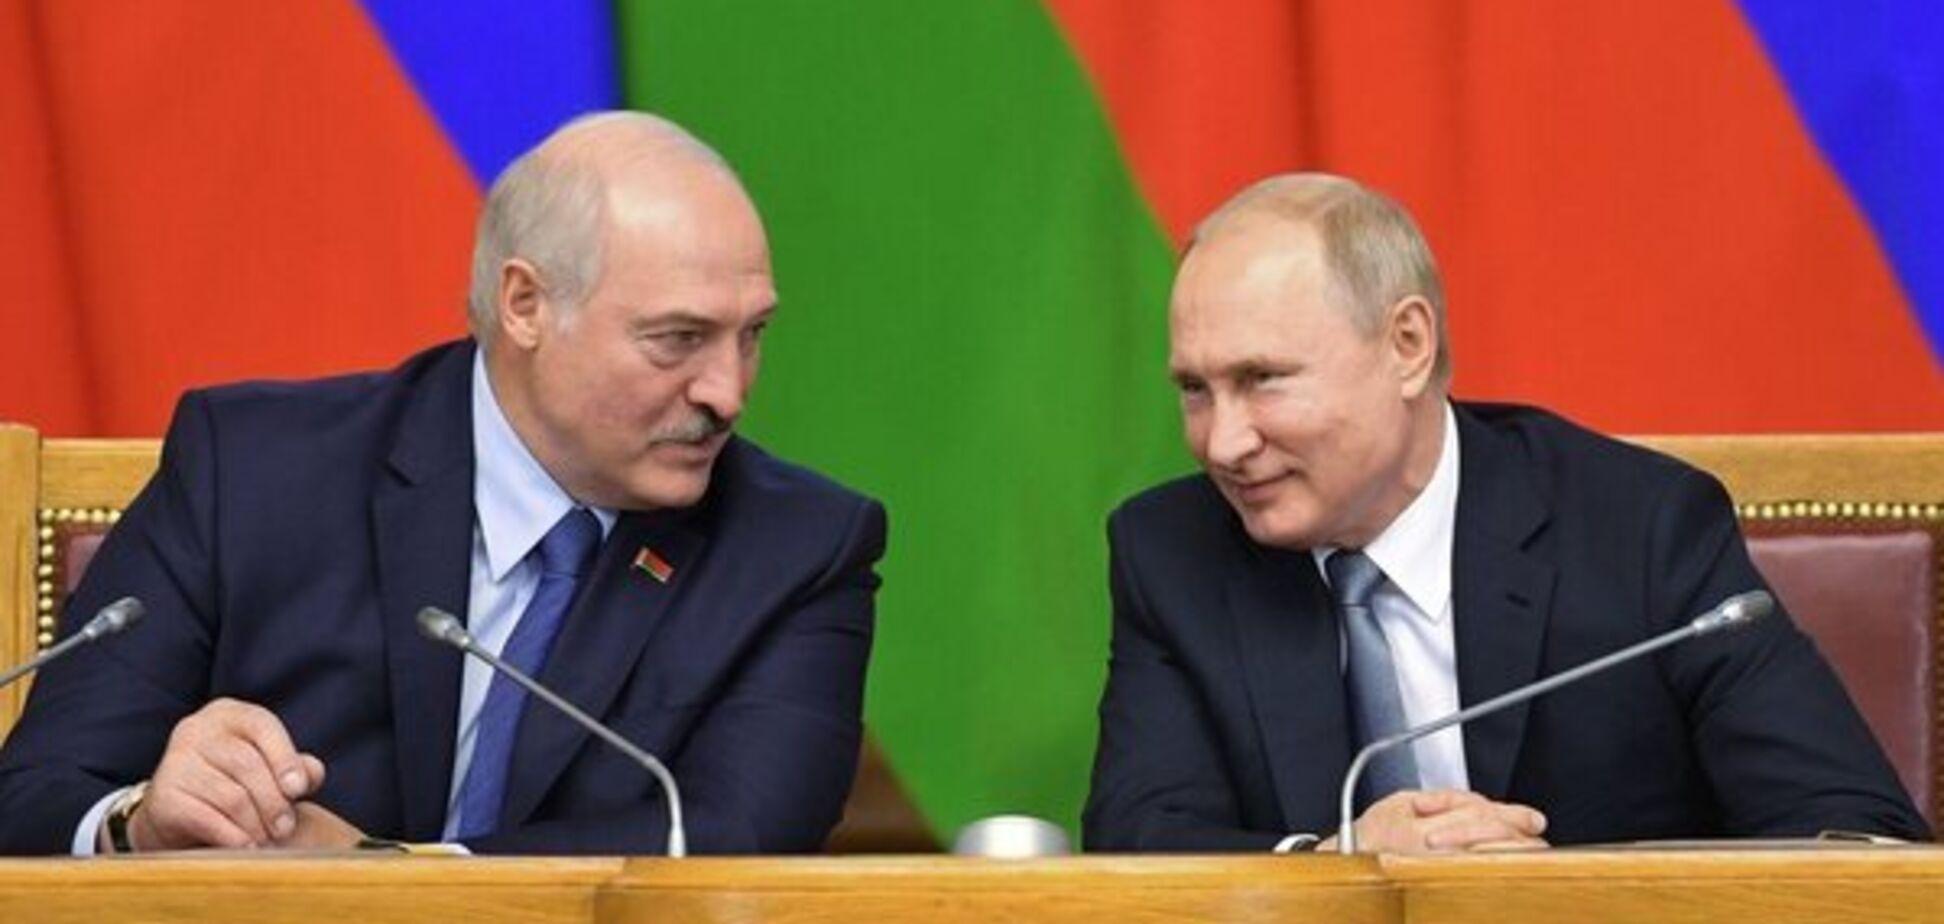 Портников сказав, що розлютило Путіна після зустрічі з Лукашенком